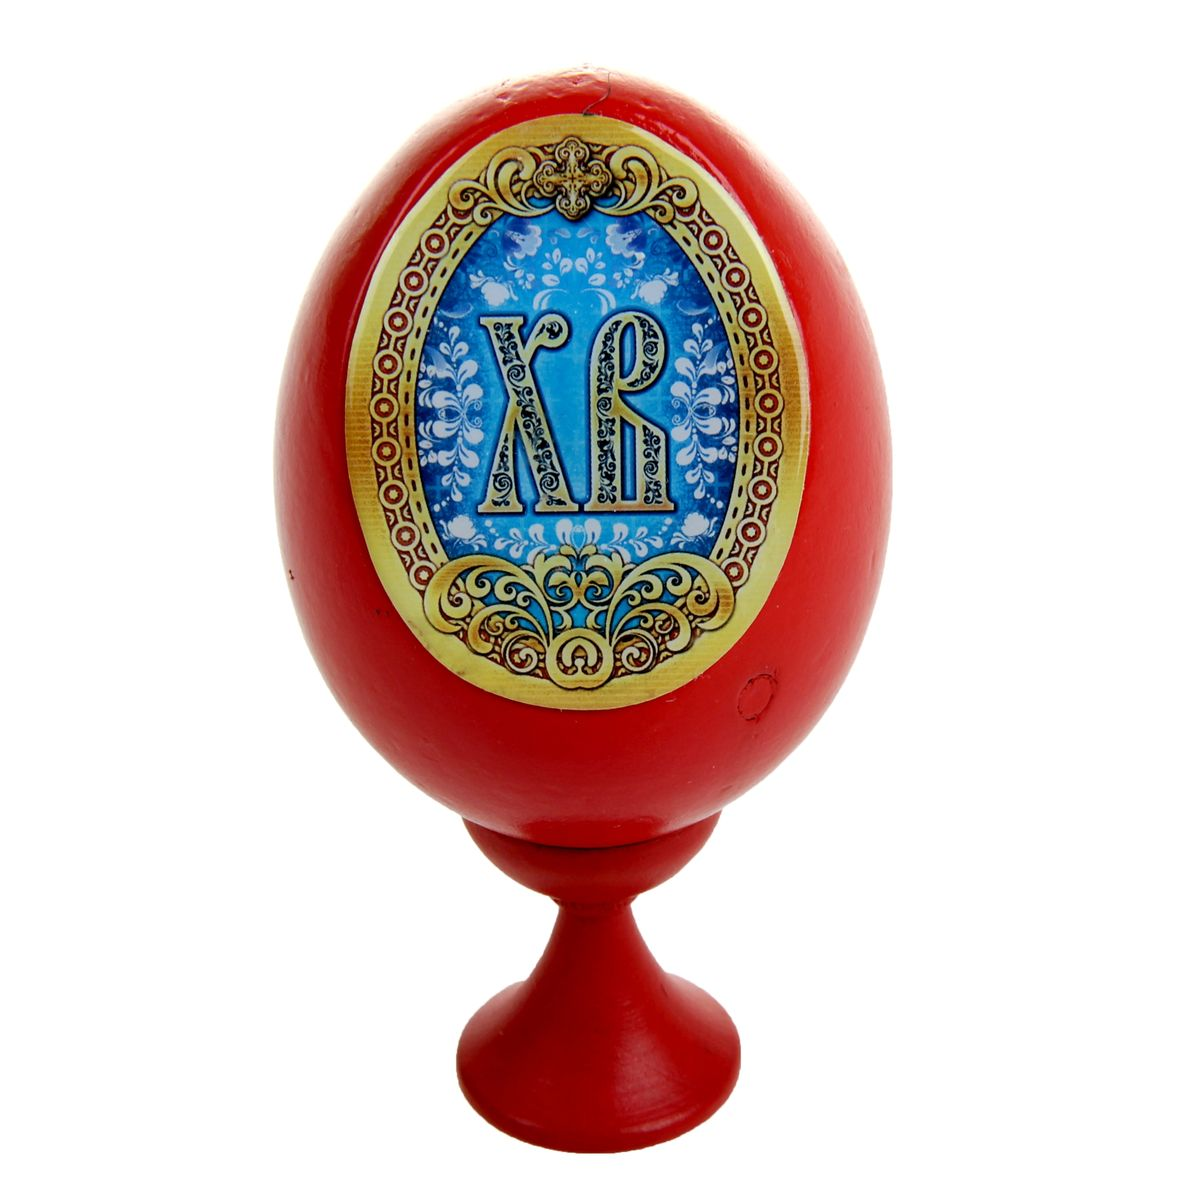 Яйцо декоративное Sima-land Христос Воскрес, на подставке, высота 11 см888765Декоративное яйцо Sima-land Христос Воскрес изготовлено из дерева. Яйцо оформлено яркой наклейкой с традиционным пасхальным изображением, покрытой смоляным слоем. Изделие располагается на деревянной подставке. Декоративное яйцо Sima-land Христос Воскрес принесет в ваш дом ощущение торжества, душевного уюта и станет идеальным подарком на Пасху. Диаметр яйца: 5,5 см. Высота яйца: 8 см. Размер подставки: 3 см х 3 см х 3,5 см.